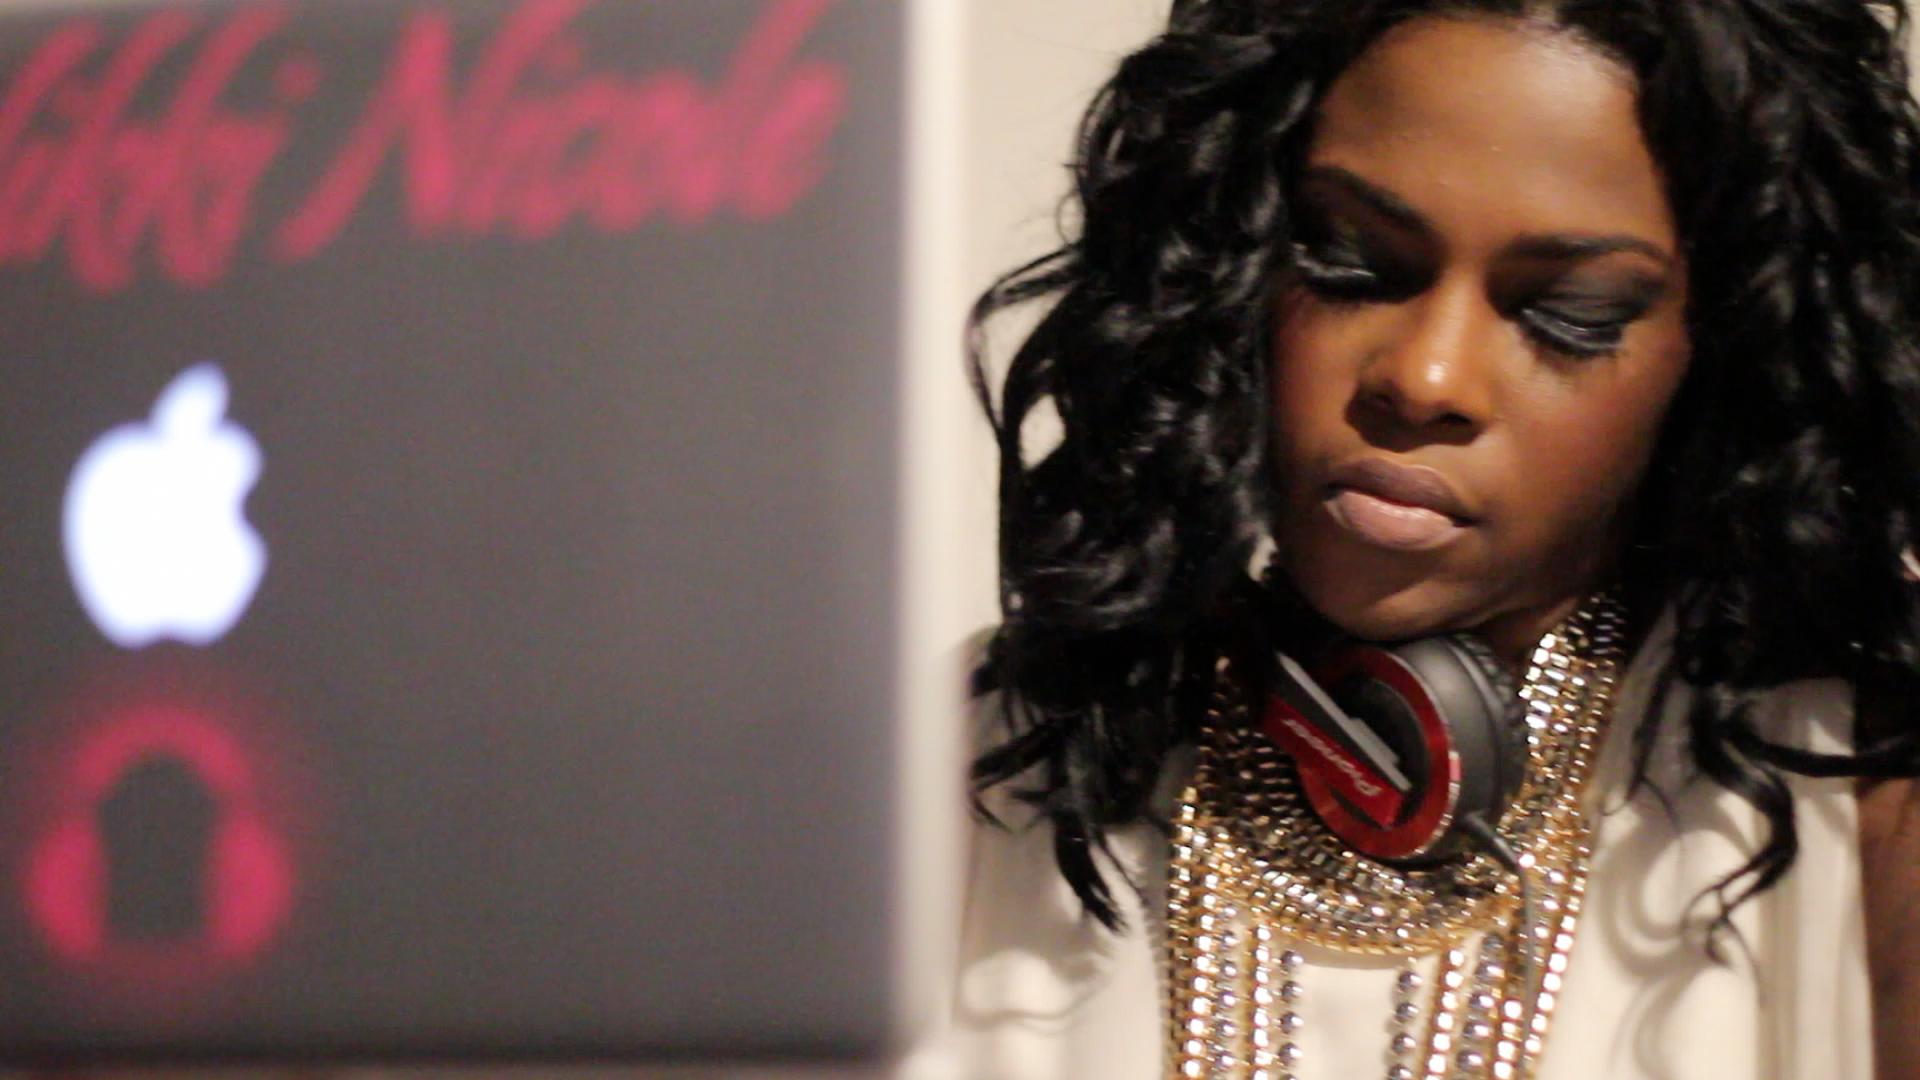 DJ Nikki Nicole